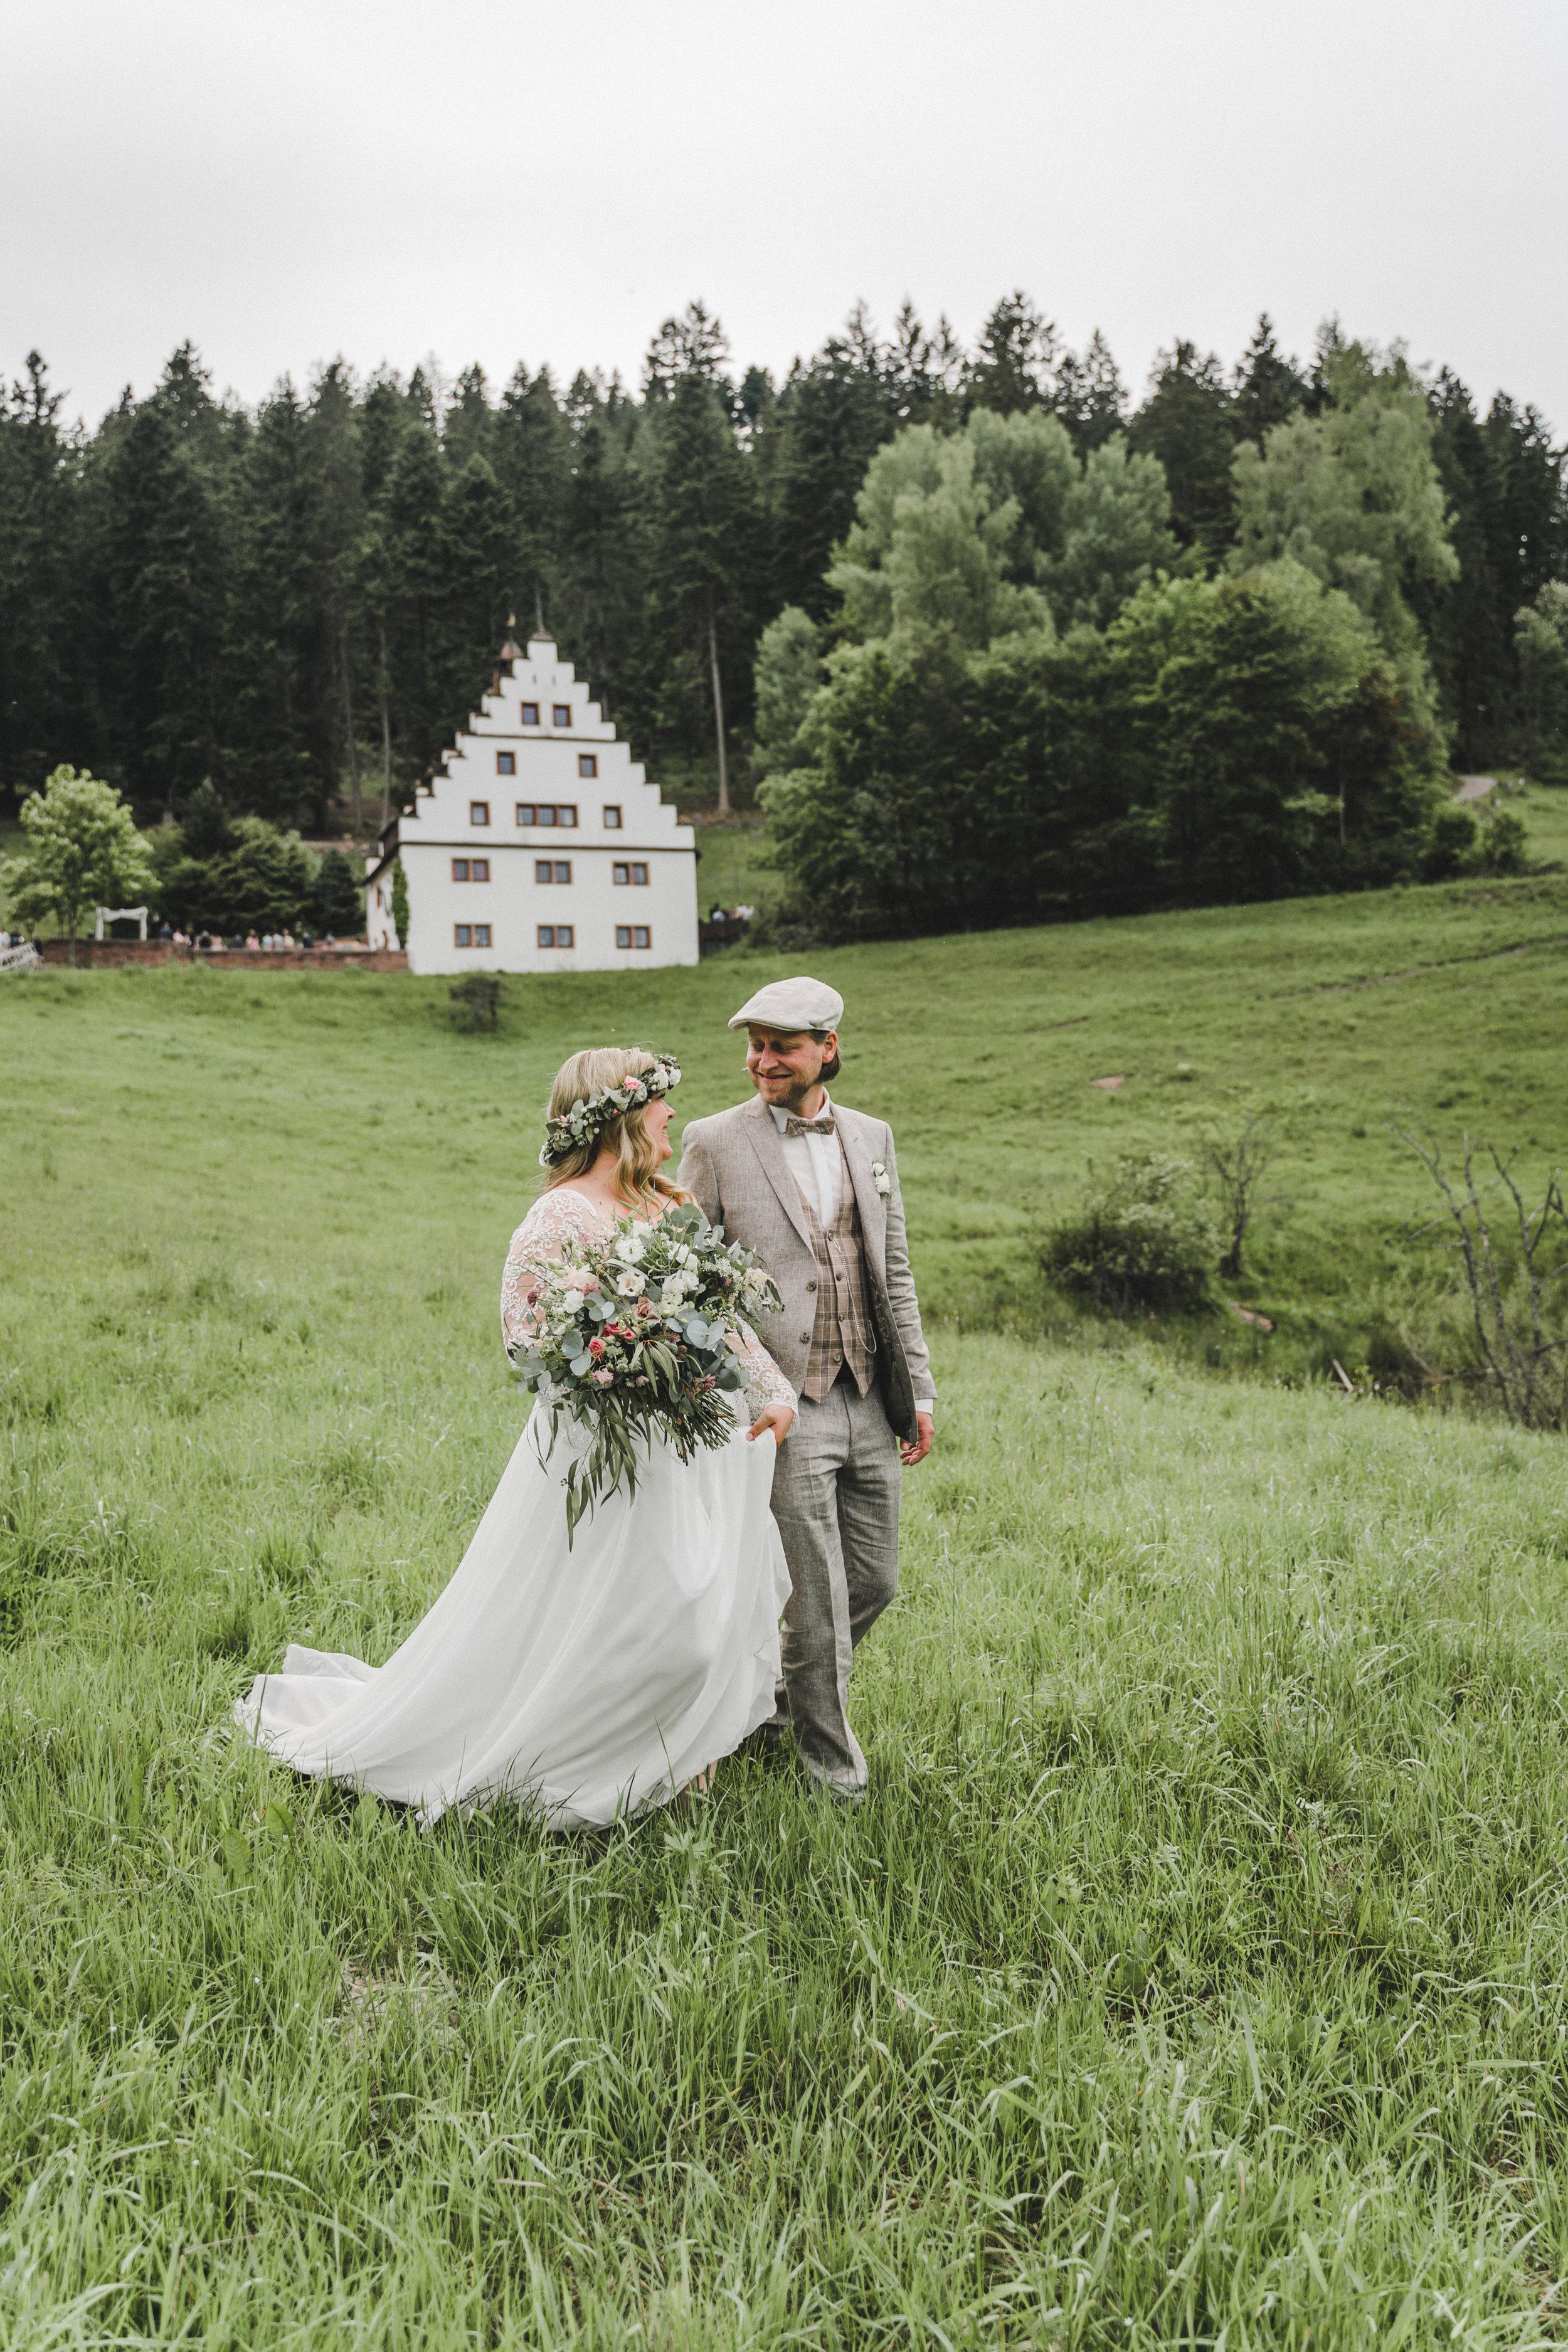 yessica-baur-fotografie-hochzeit-freudenstadt-0847-04255.jpg